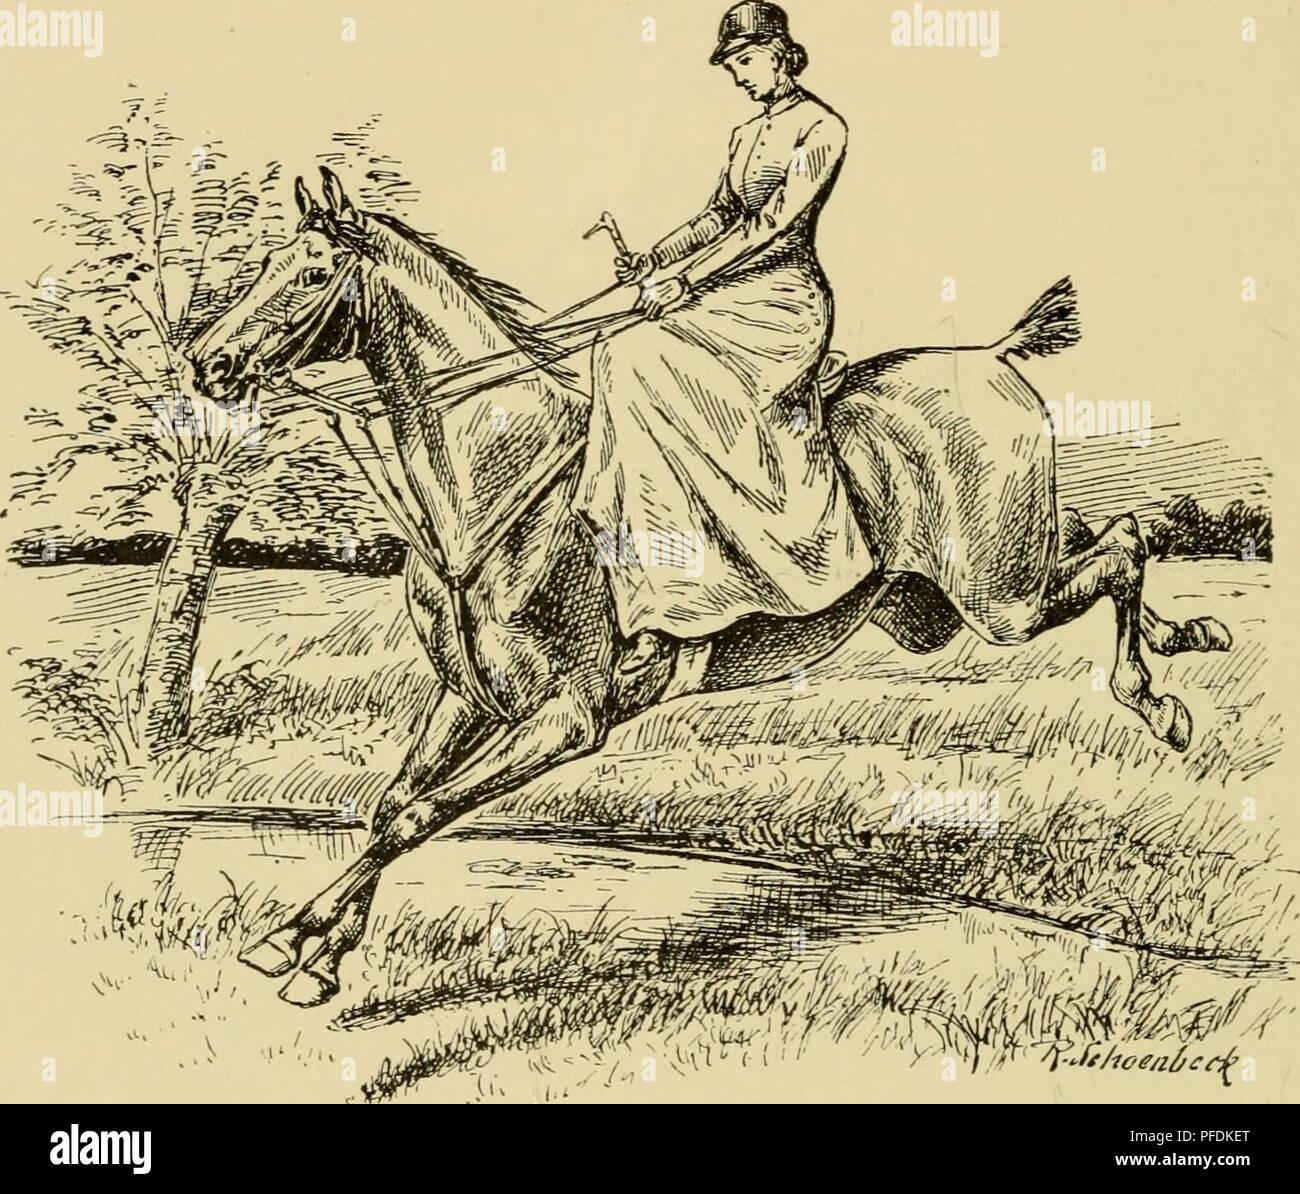 . Der Damen-Reitsport : Mit 50 Abbildungen = Women riders : with 50 illustrations. Horses; Women in horse sports. — 148 — eine Barriere, Hürde etc. zum Hochsprung, bedient man sich am besten des kurzen Galopps, um das Pferd recht versammelt zu erhalten; in der Karriere anzureiten, wenn es nicht die Notwendigkeit erfordert, vermeide die noch in der Lehrperiode befindliche Reiterin lieber. Um das Pferd an den Sprung zu gewöhnen, muß man mit ganz niedrigem Barriere- oder Stangensprung. *<• 'F-fi/ioeaiceit' Fig. 42. Der Weitsprung. anfangen und ganz allmählich die Anforderungen stei- gern, doch - Stock Image